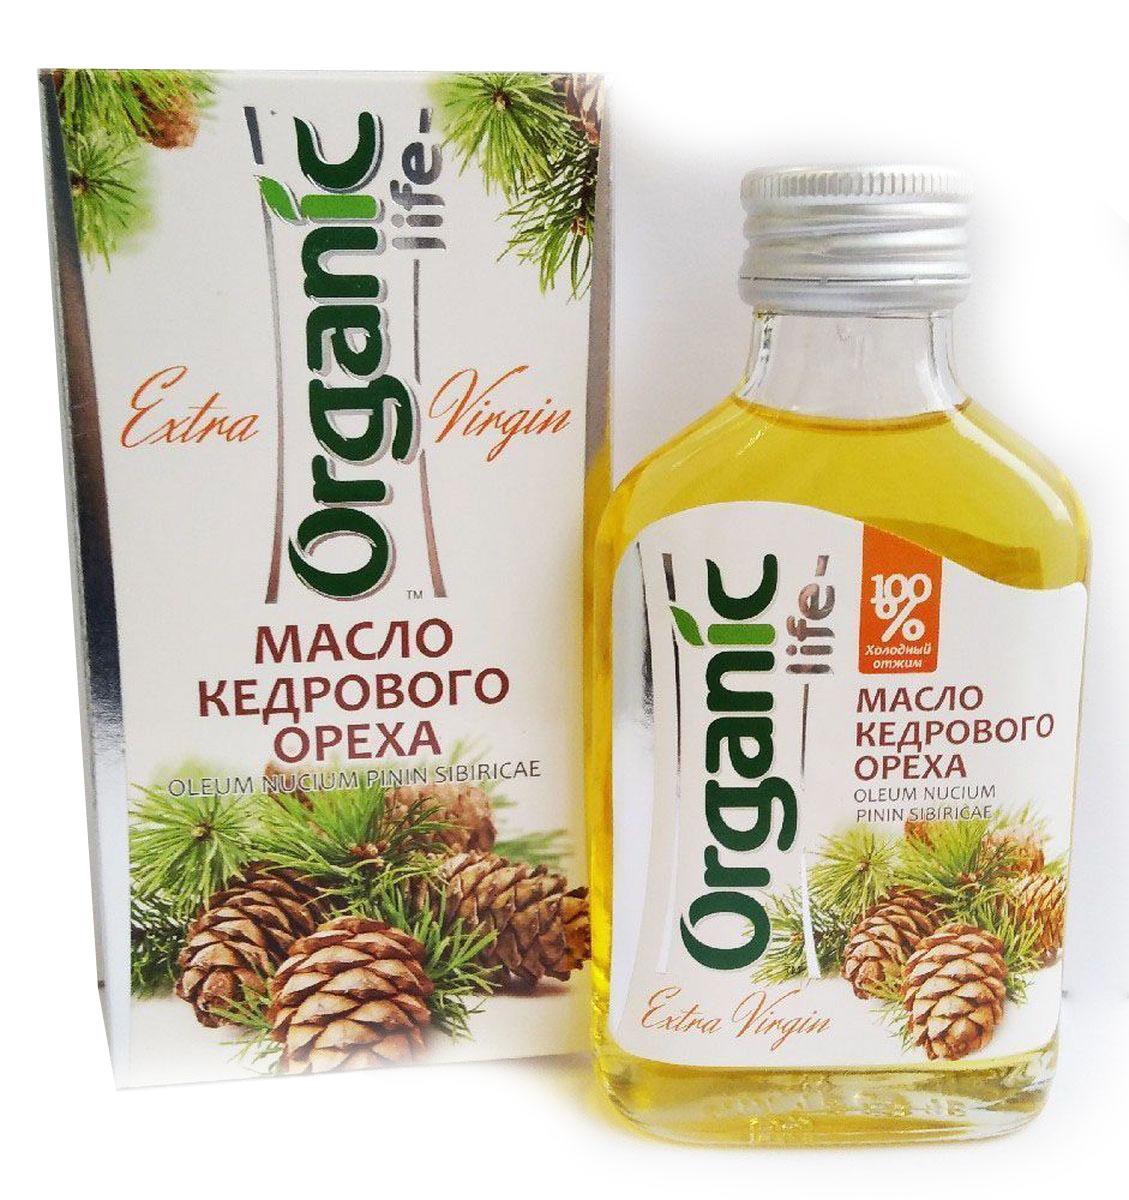 Organic Life масло кедрового ореха, 100 мл212036Масло кедровое (из ядер сибирского кедрового ореха) - настоящая природная кладовая необходимых человеку веществ. В его составе гармонично сочетаются витамины (Е, А, группа В, РР, D), аминокислоты, микроэлементы, фосфолипиды. Особую ценность представляет комплекс полиненасыщенных жирных кислот Омега-6 и Омега-3 (витамин Р), которые не синтезируются в организме, поэтому должны поступать с пищей. Они положительно воздействуют на структуры стенок сосудов и активно участвуют в синтезе различных гормонов, сохраняя молодость, здоровье и красоту. Кедровое масло содержит редко встречающуюся в природе гамма-линоленовую кислоту. Она обладает противовоспалительным действием, предупреждает образование тромбов, снижает уровень плохого холестерина в крови, контролирует возникновение жировых клеток, ускоряет расщепление жиров, помогает избавиться от лишнего веса. Кедровое масло обладает тонким ореховым вкусом и ароматом, может улучшить вкус любого блюда. Способ применения: по 1 ч.л. 2-3 раза в день.